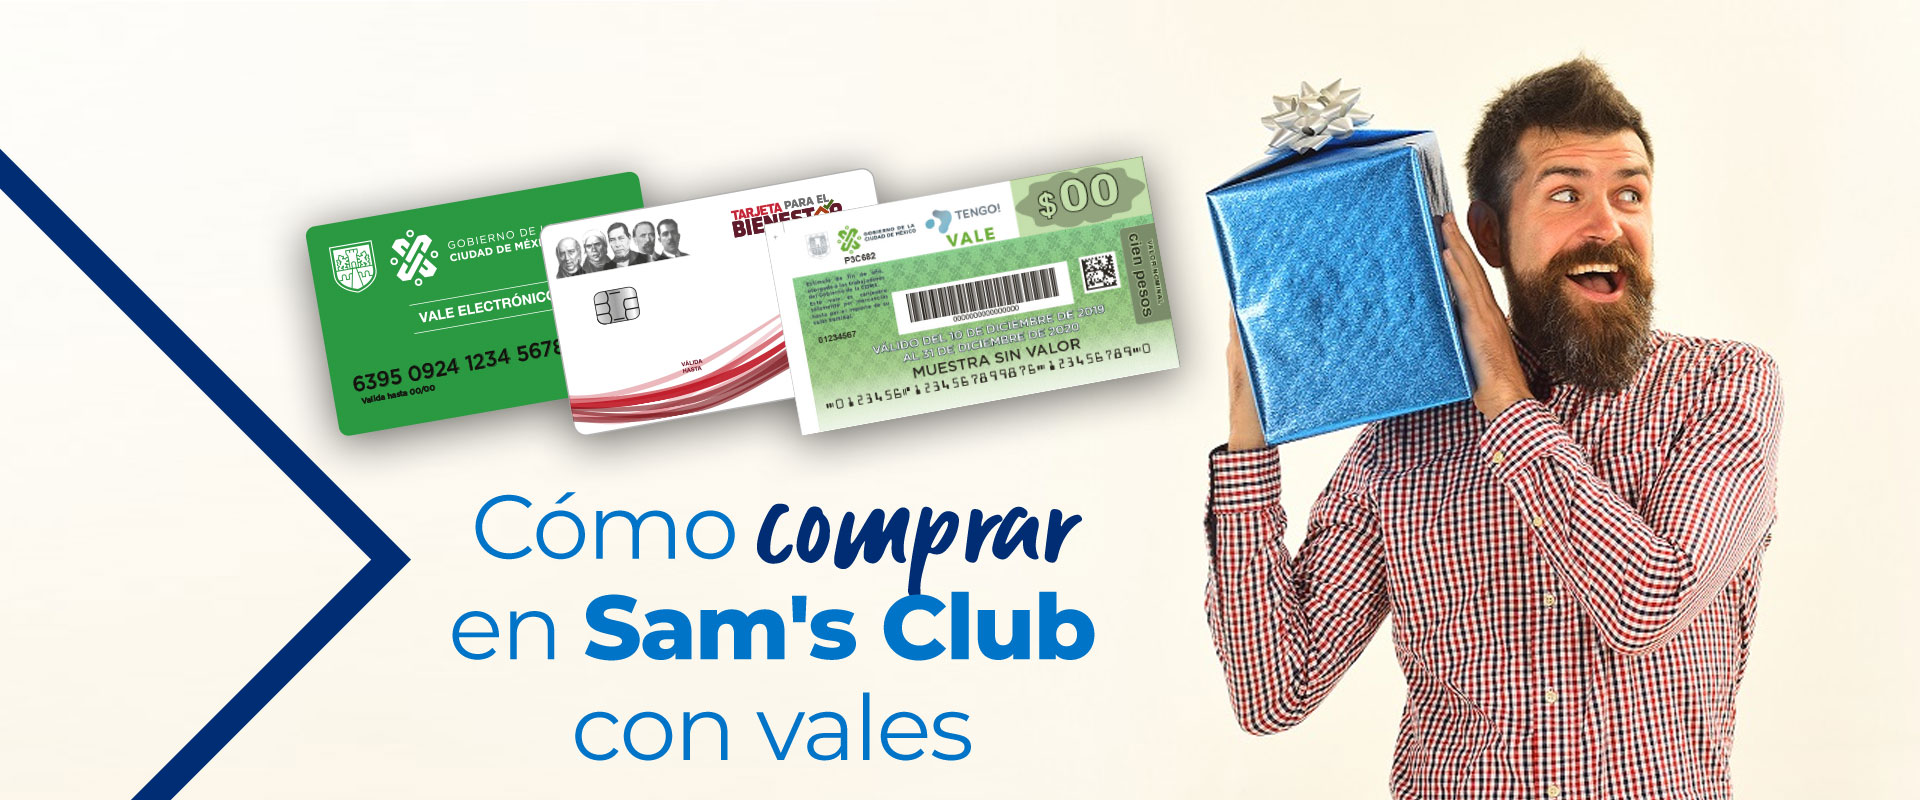 Cómo comprar en Sam's Club con vales